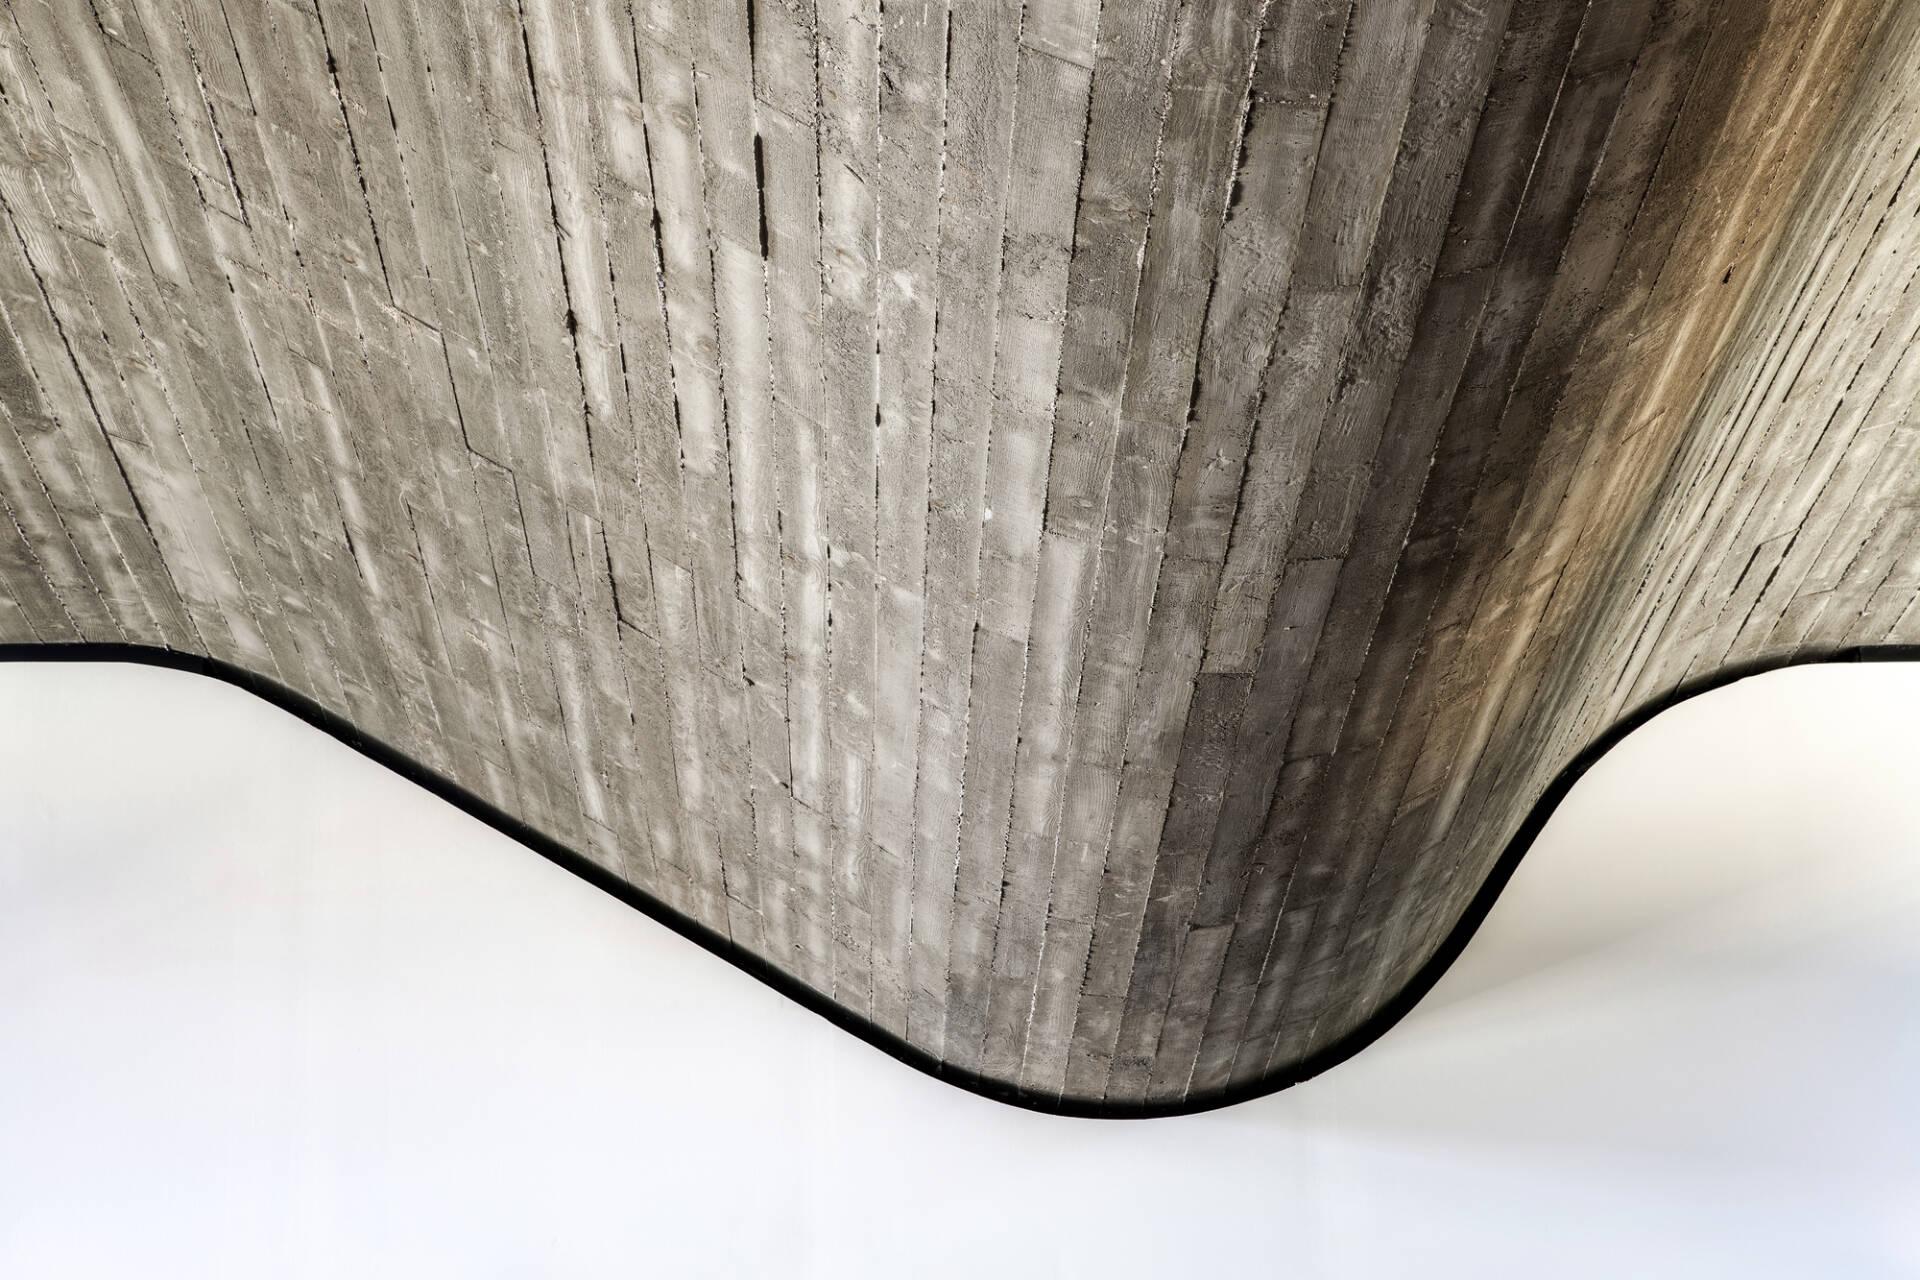 Ván gỗ thông thô mộc là vật liệu chính tạo nên hình dạng nhấp nhô này